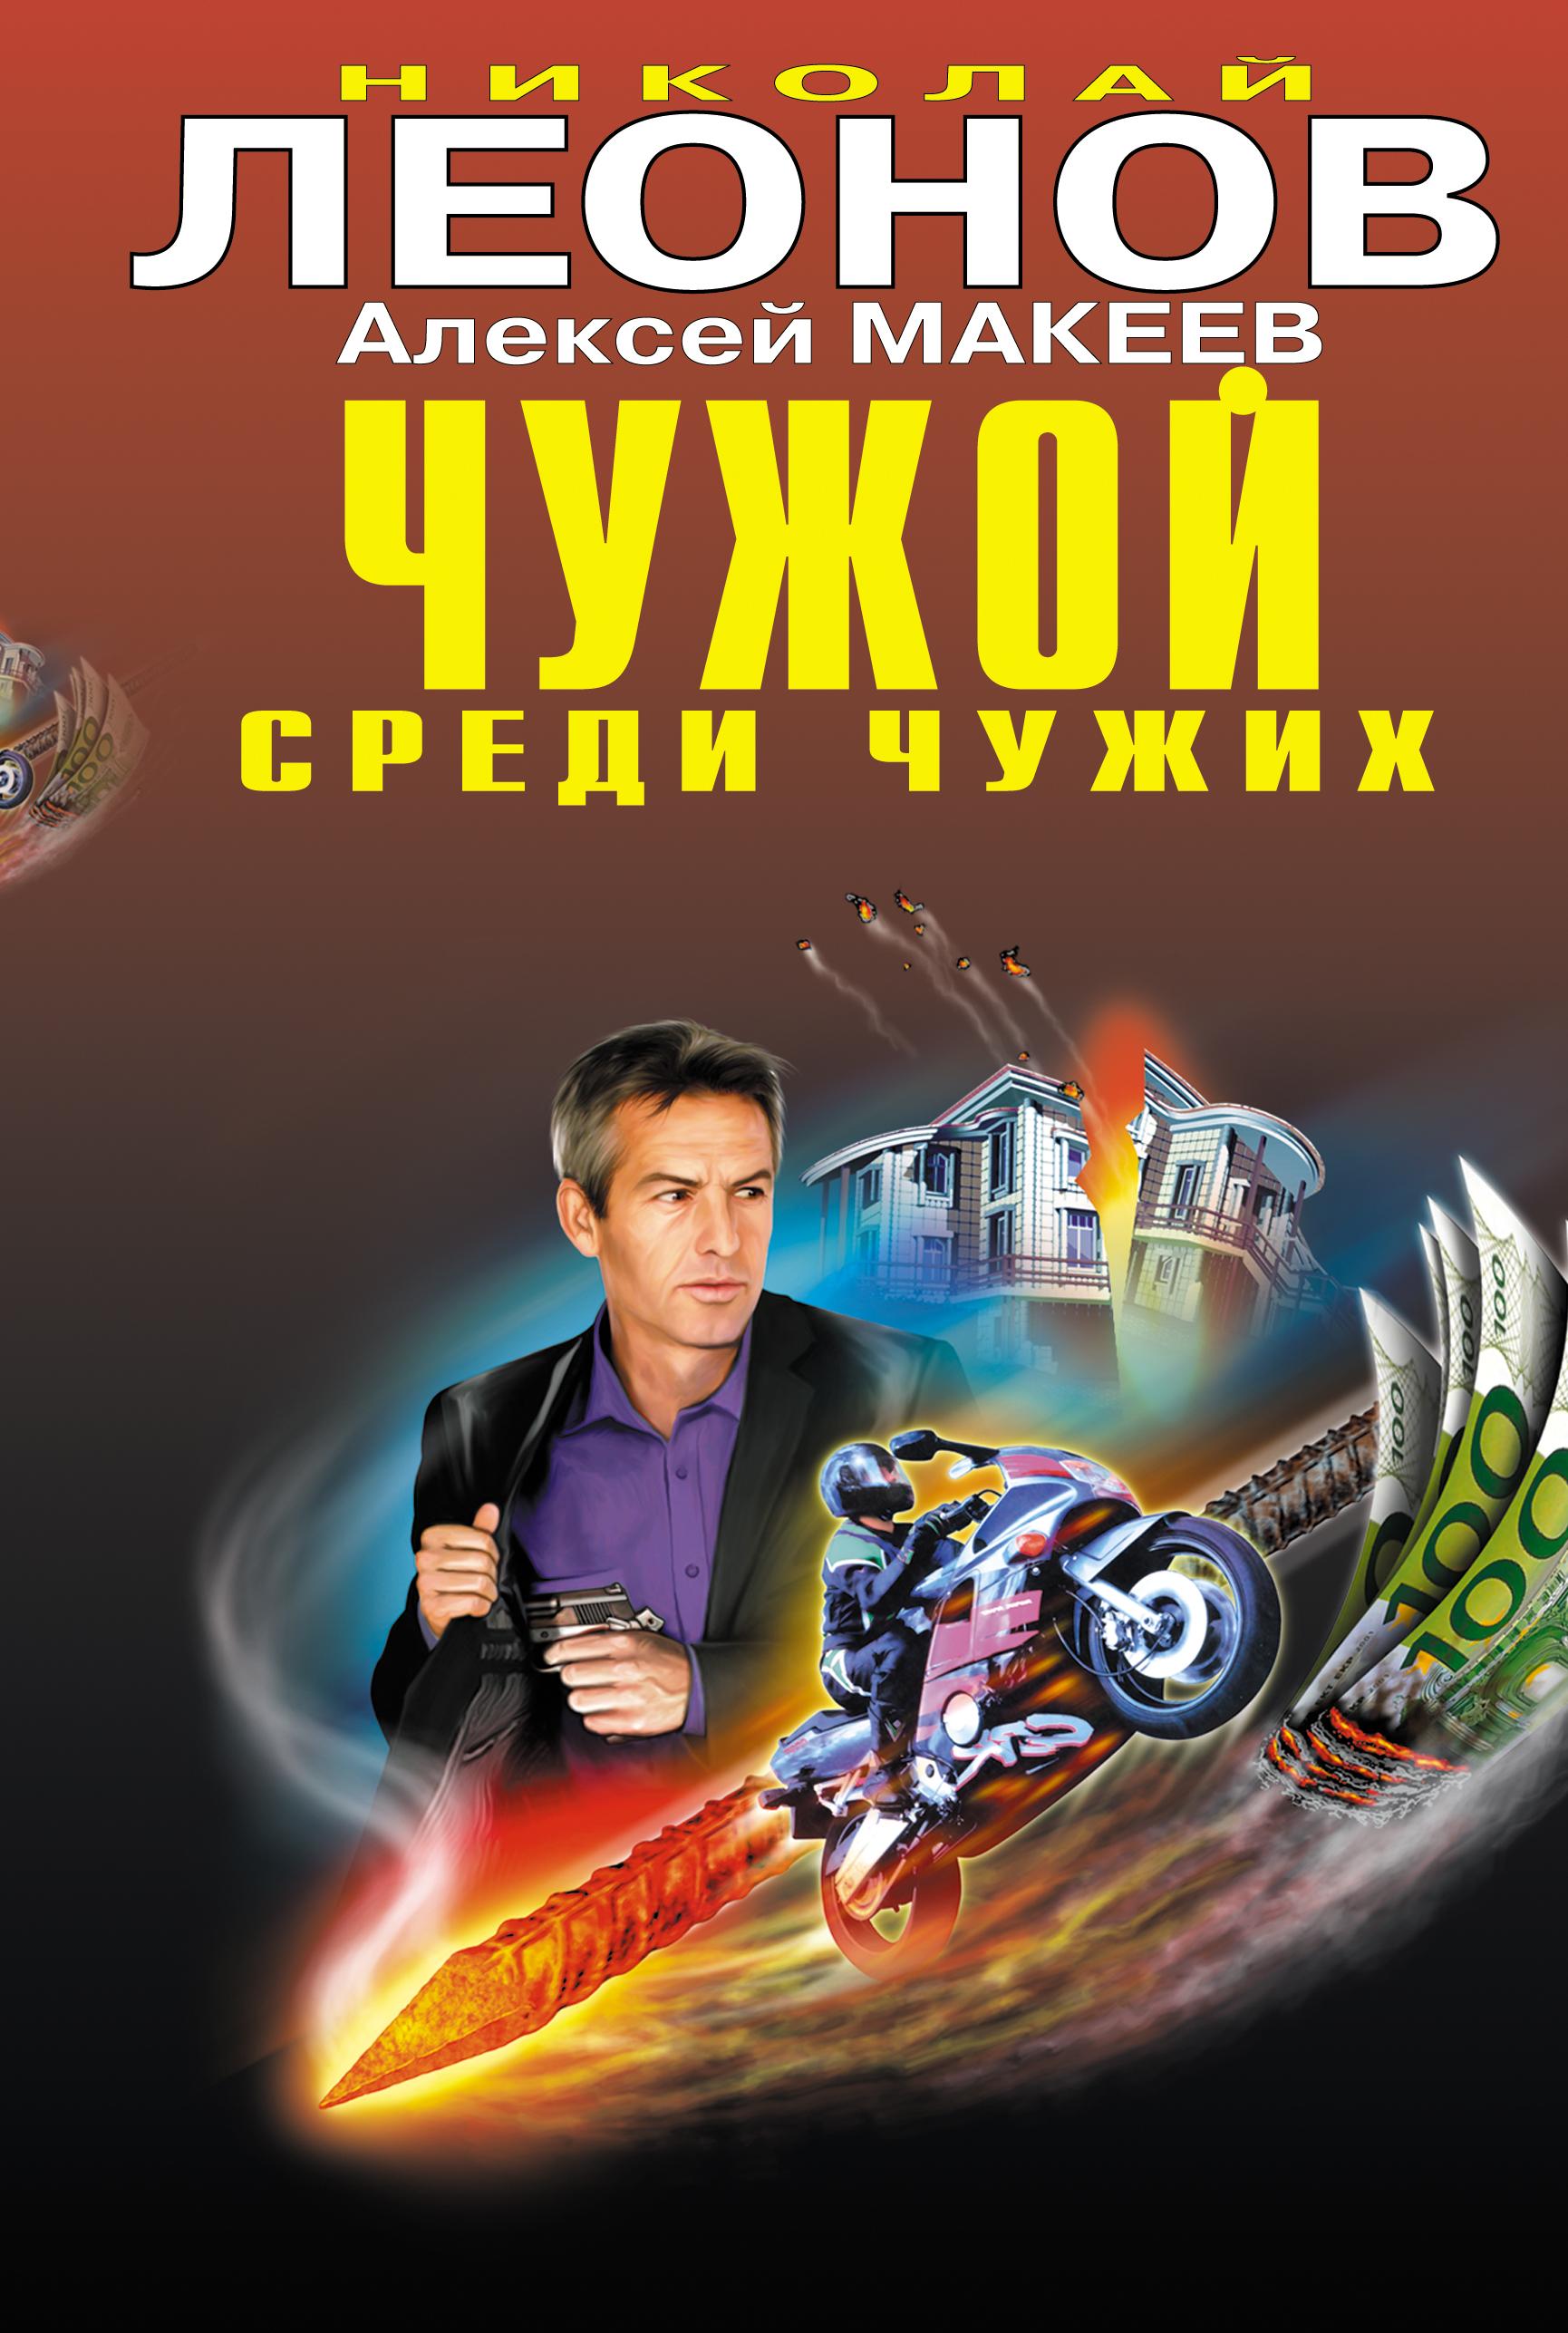 Николай Леонов Восьмая горизонталь николай леонов дилемма